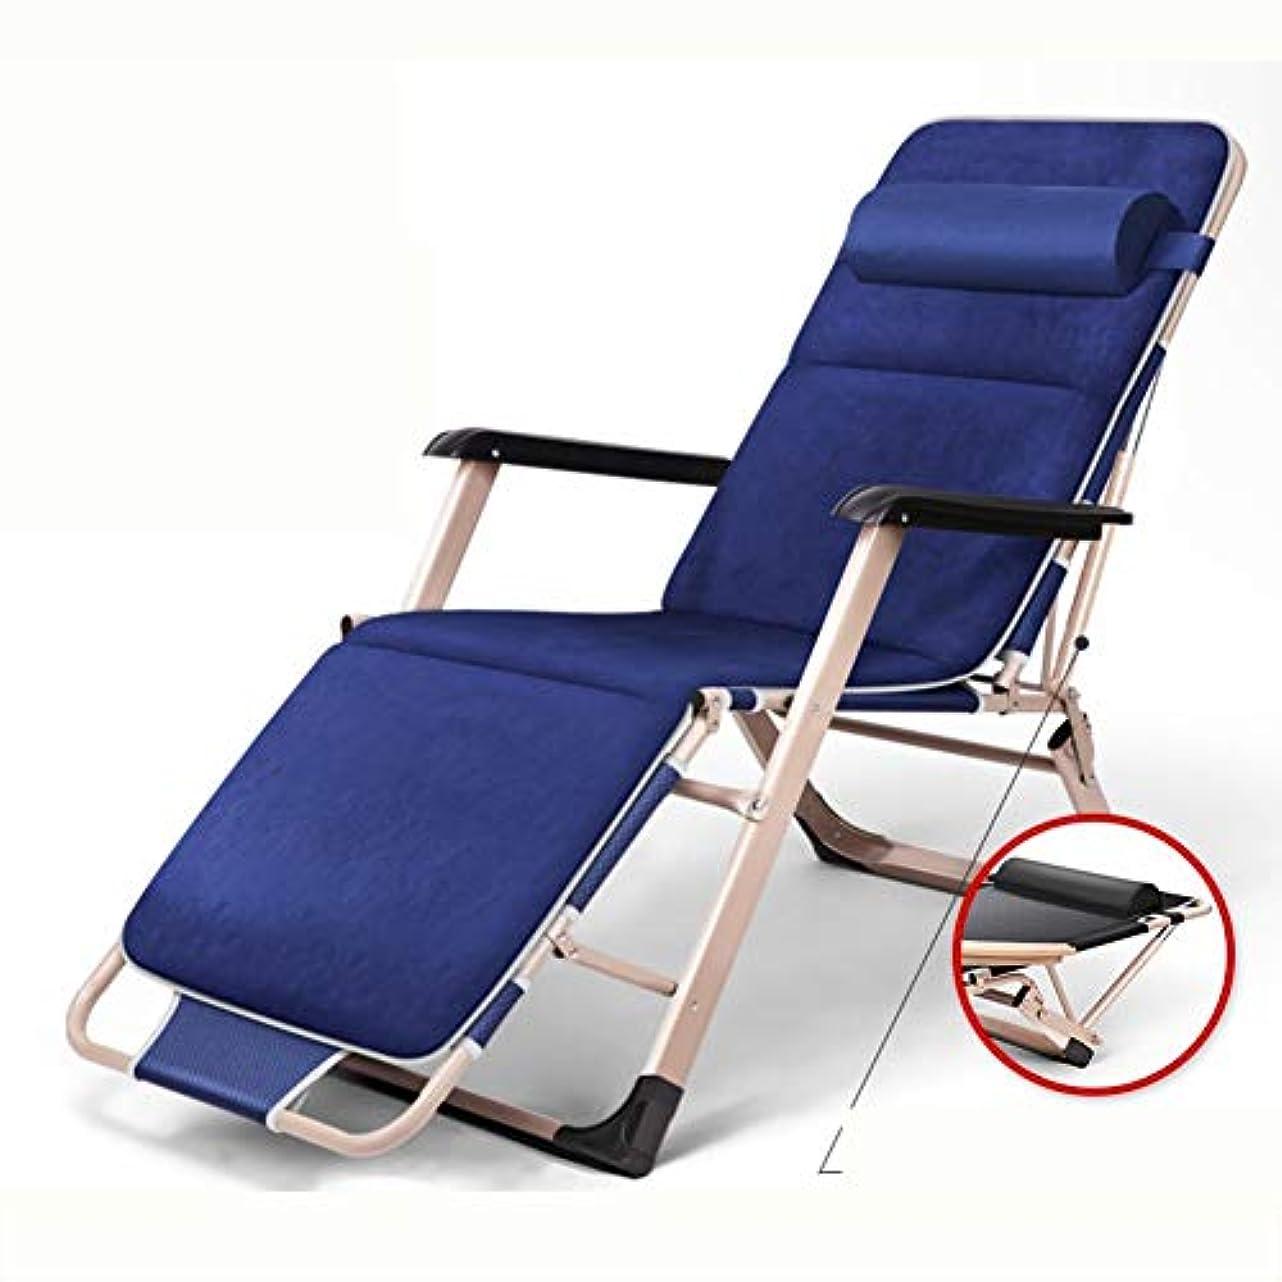 段階枝チート可能 ラウンジチェア 寝椅子, ヘッドレストと アームレスト サンラウン ジャー 無重力の椅子 リクライニングチェア 日 (秒) ベッドに戻る委員長 屋外 テラス 庭 キャンプ ビーチ